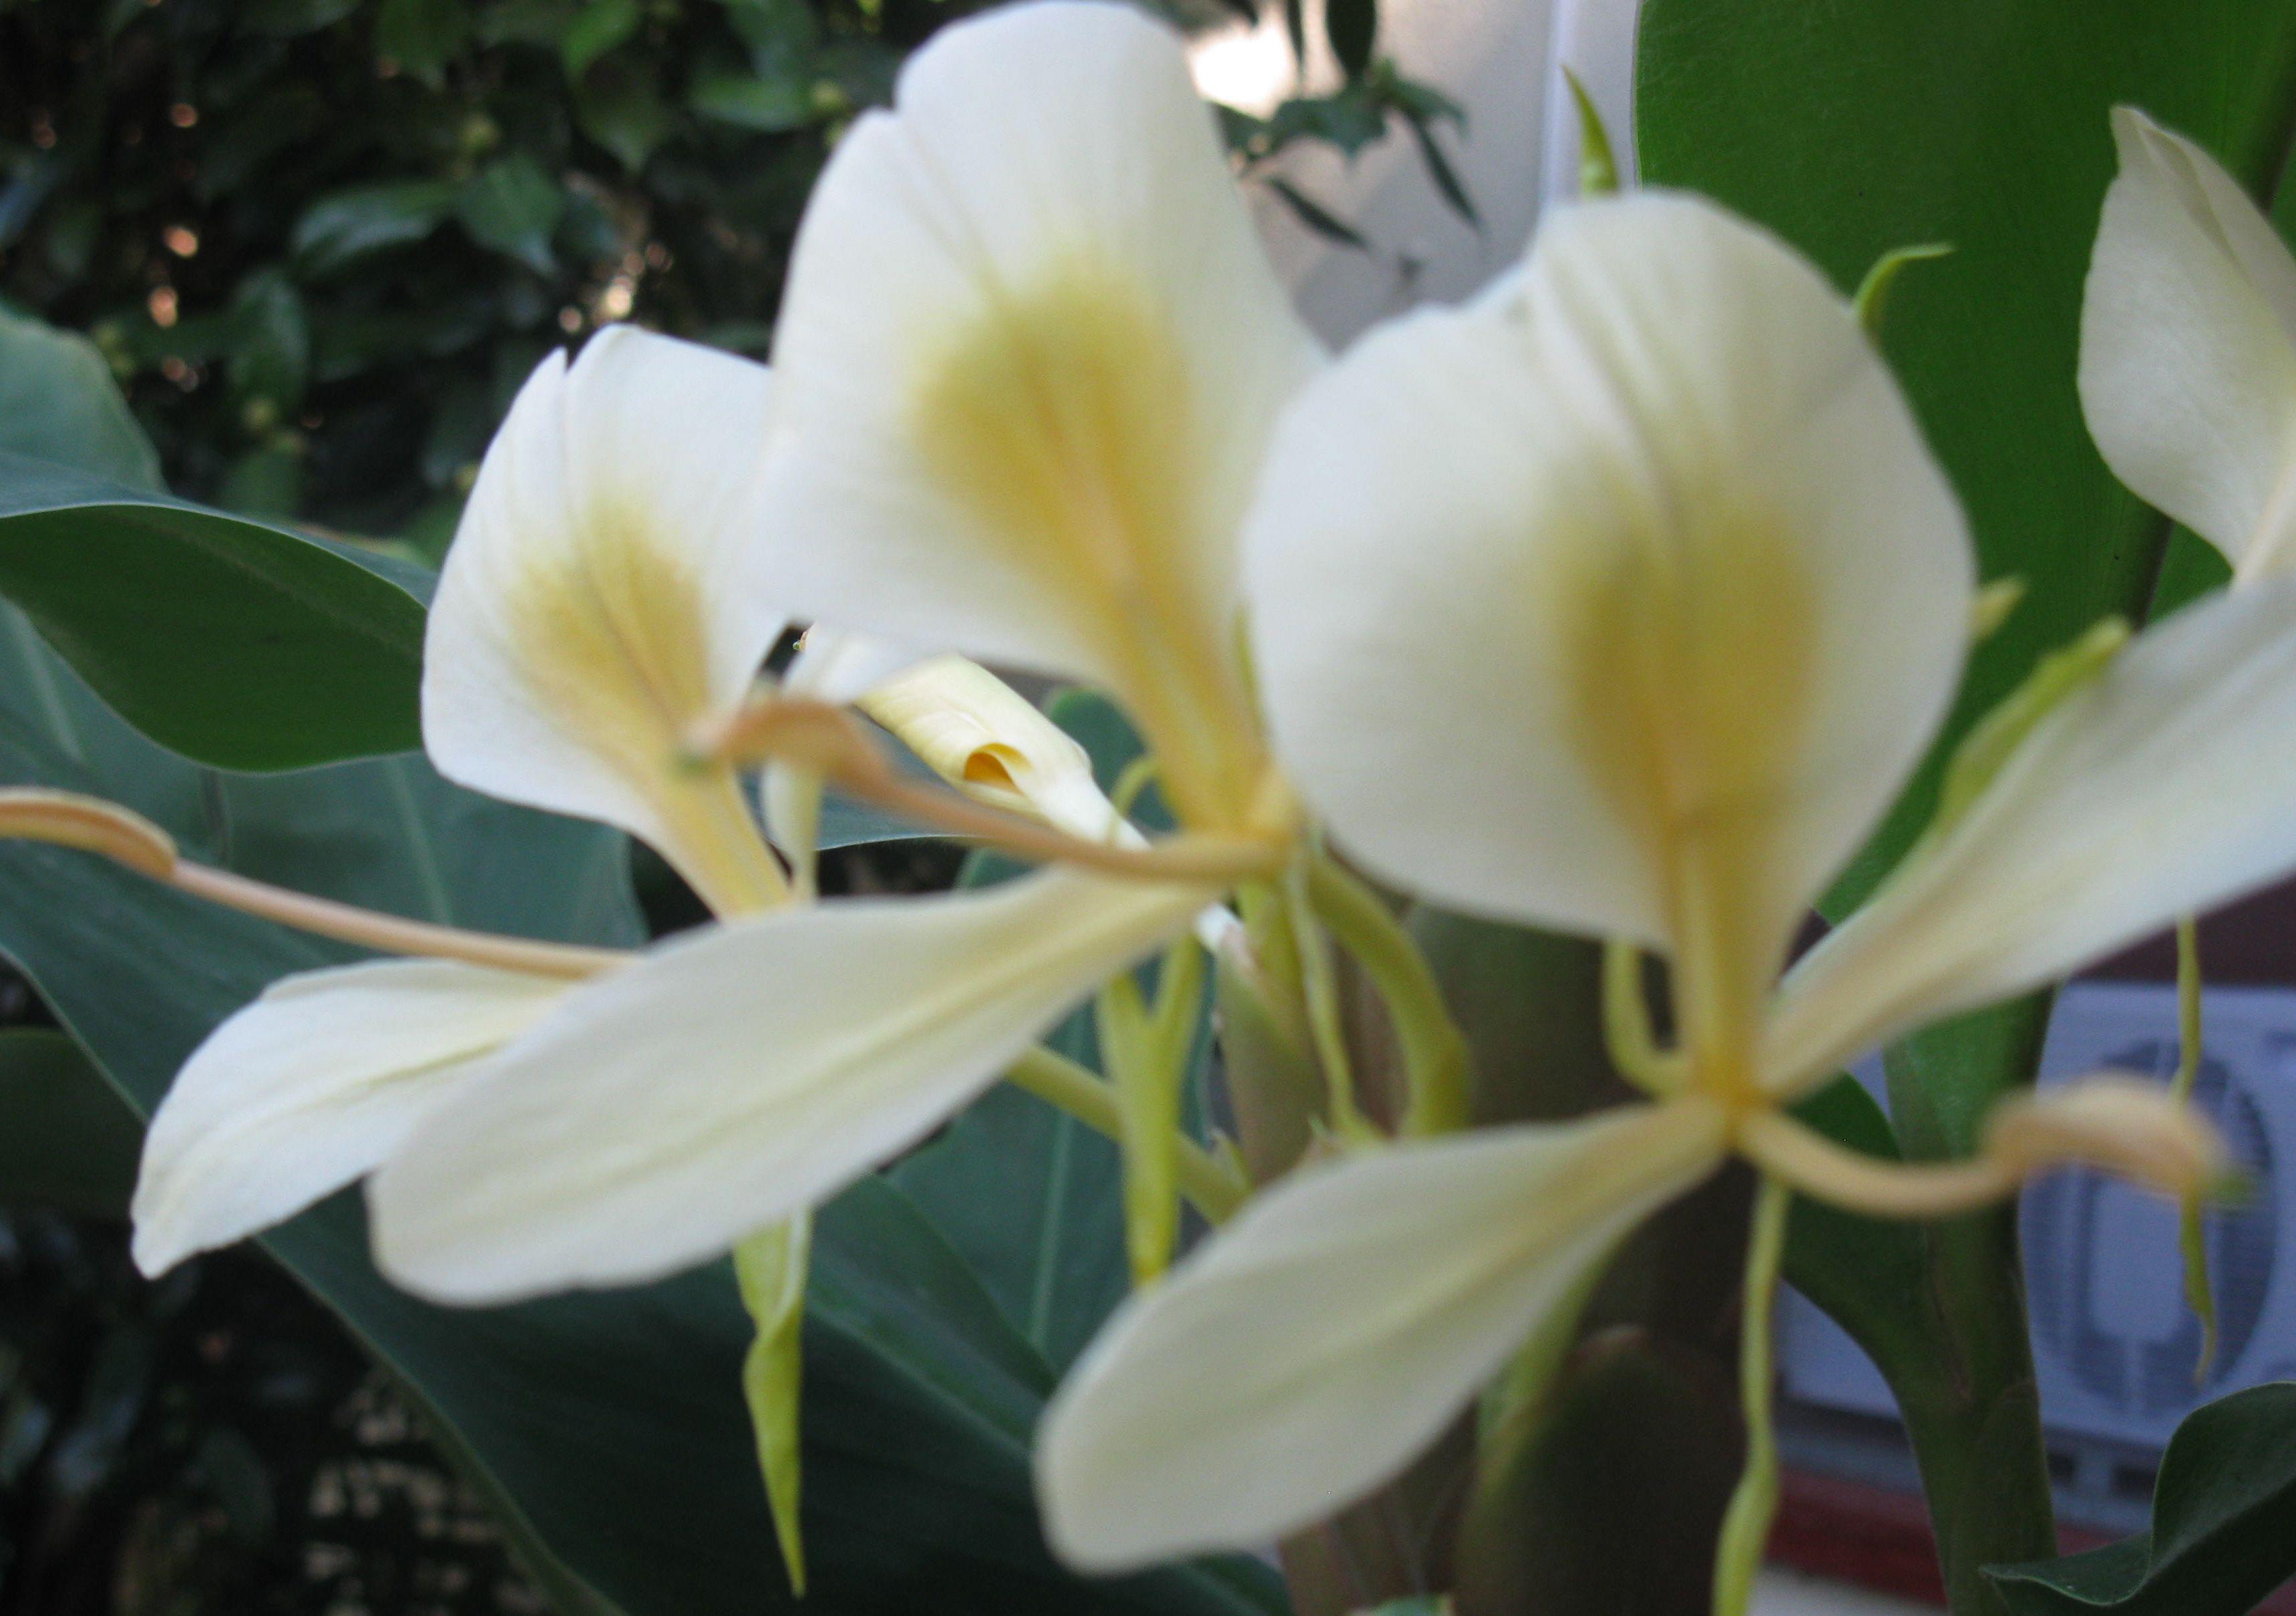 Flowering White Ginger Gardening Pinterest Flowers And Gardens